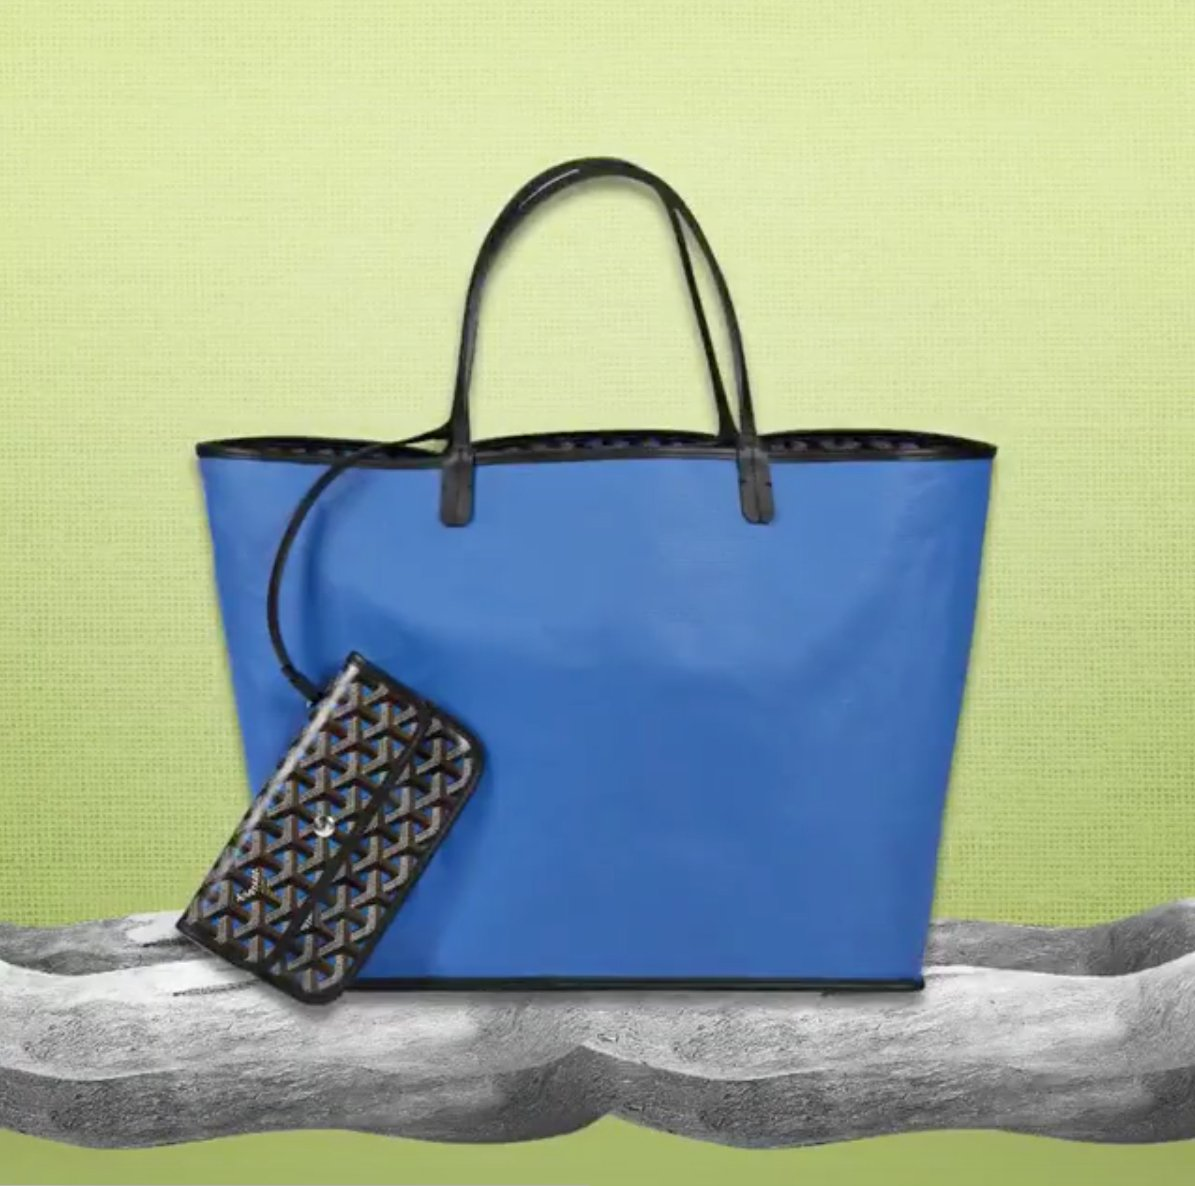 goyard-saint-louis-claire-voie-bag-blue-2